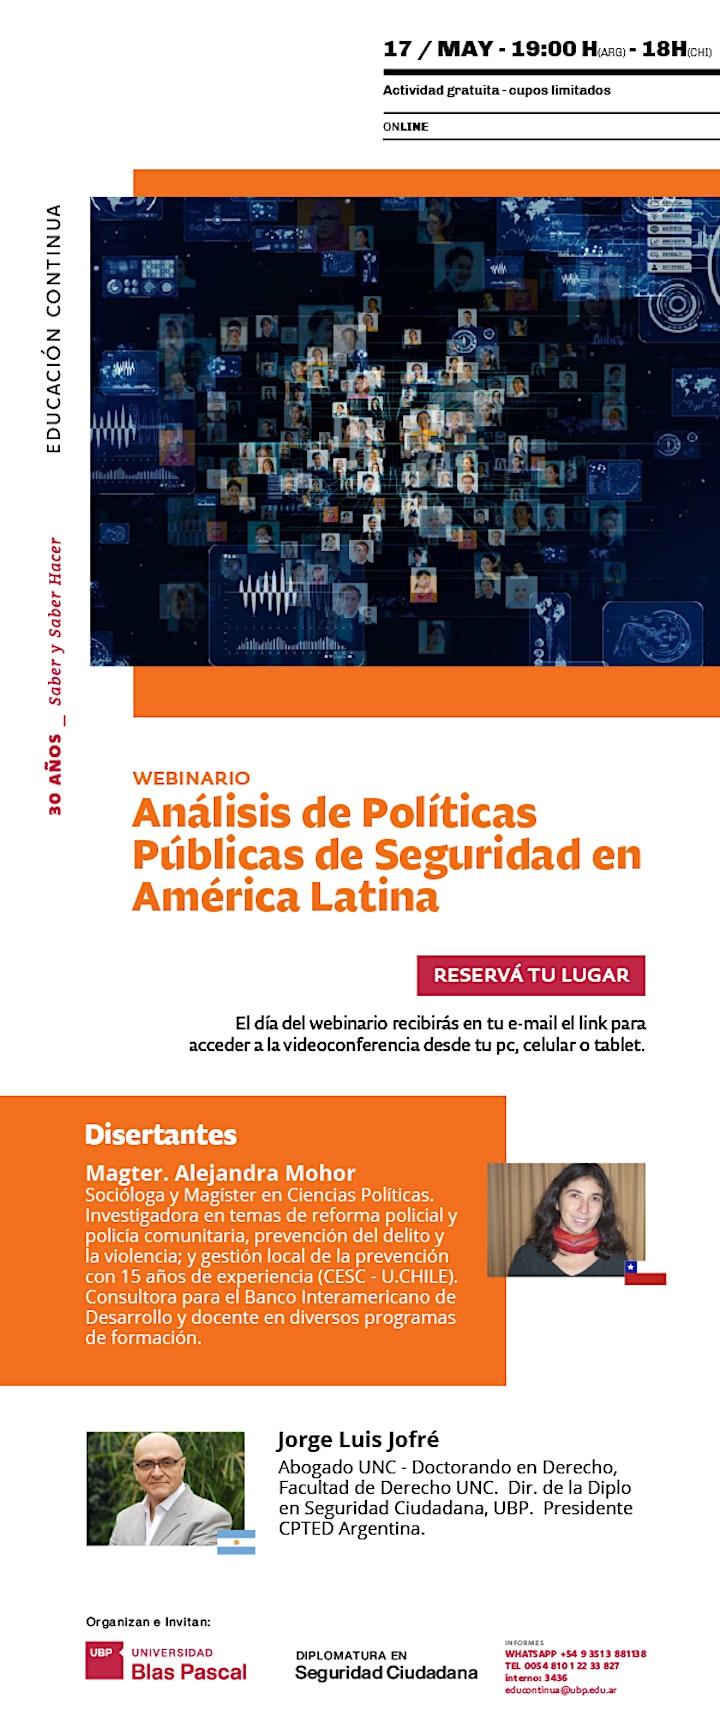 Imagen de Webinario> Análisis de Políticas Públicas de Seguridad en América Latina